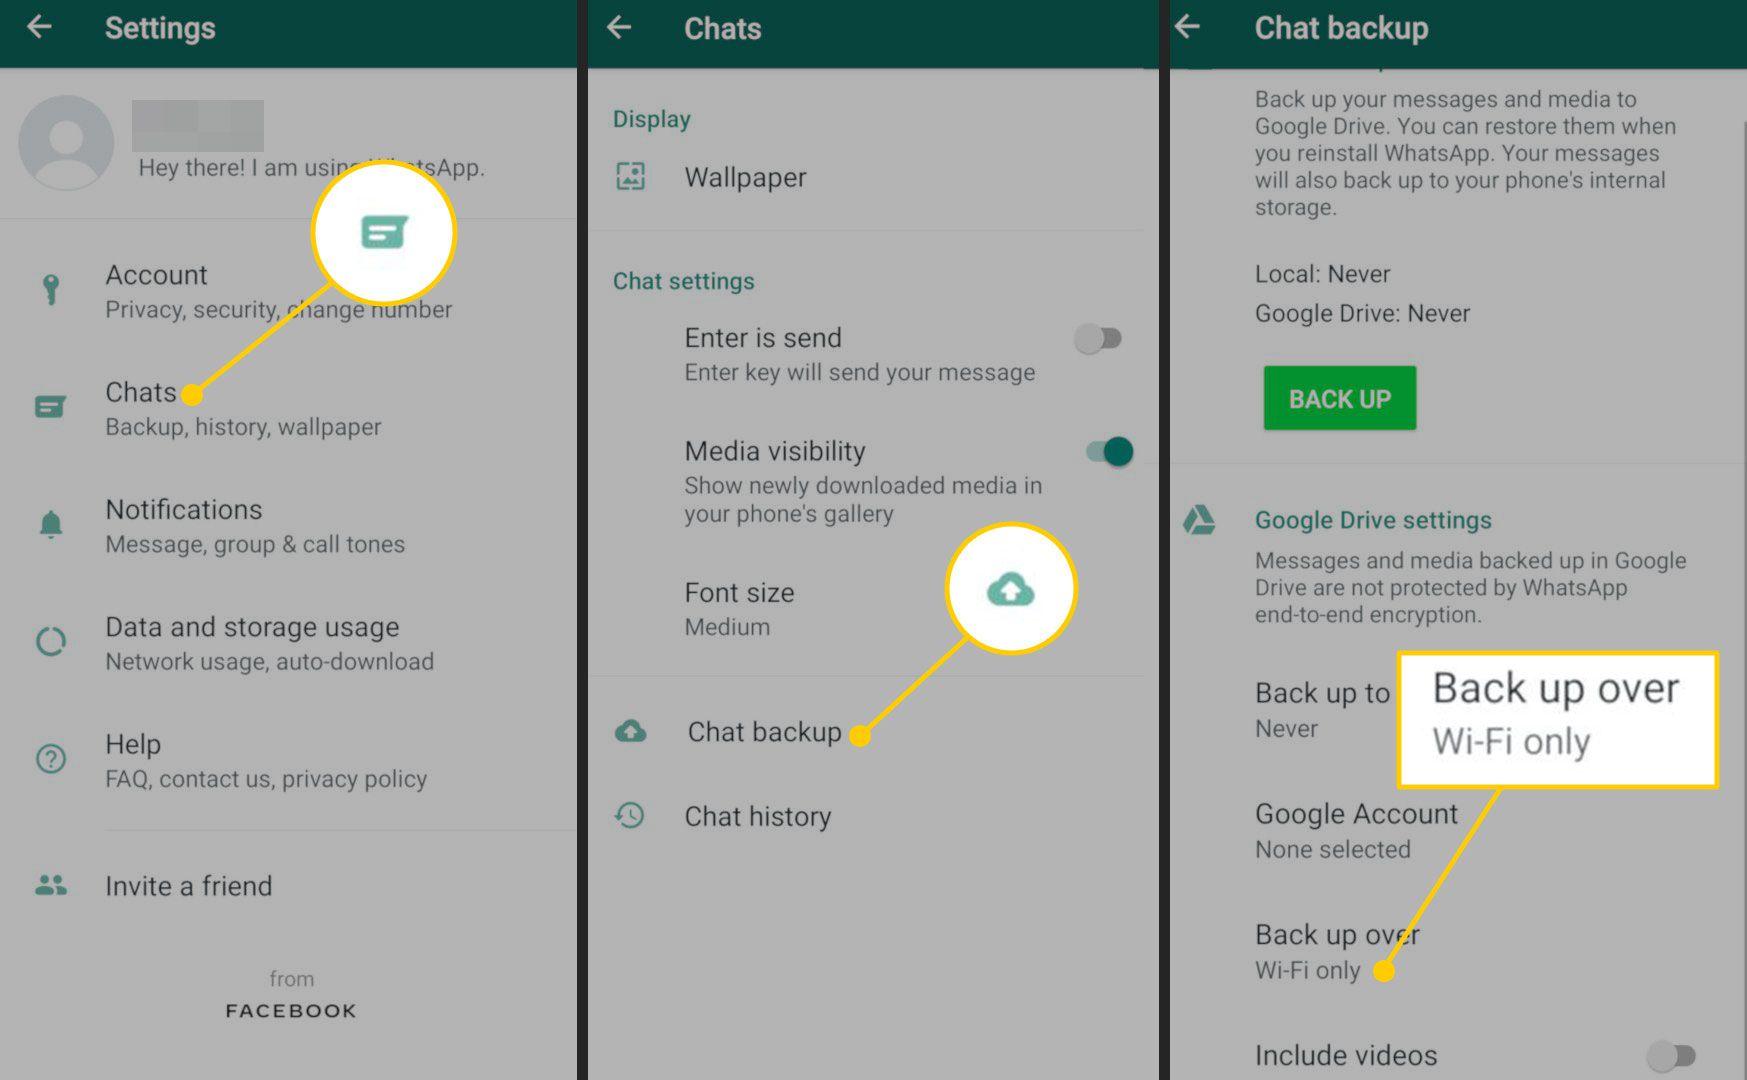 Backup settings in WhatsApp